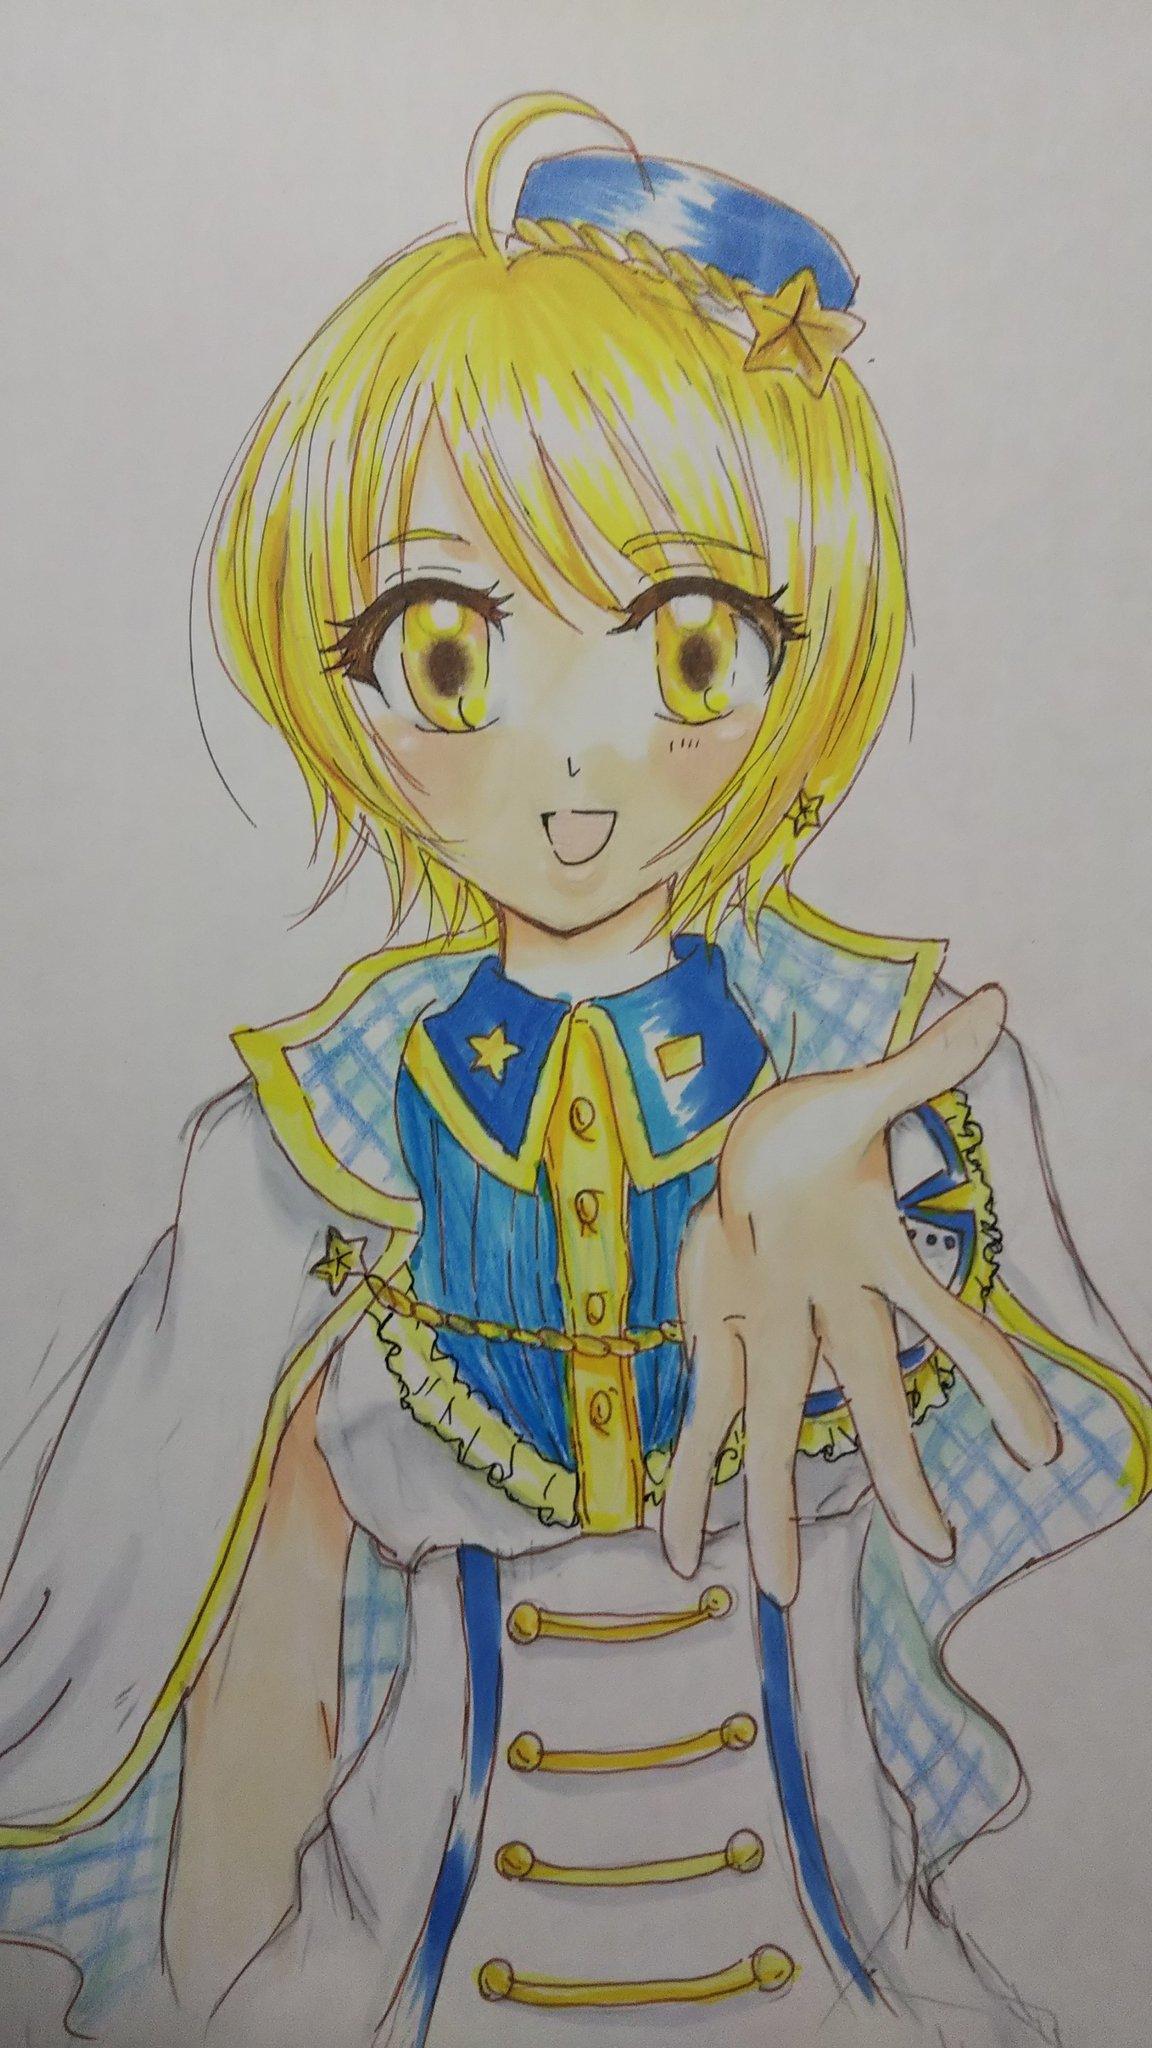 かーもさぁか (@kamosaka3)さんのイラスト